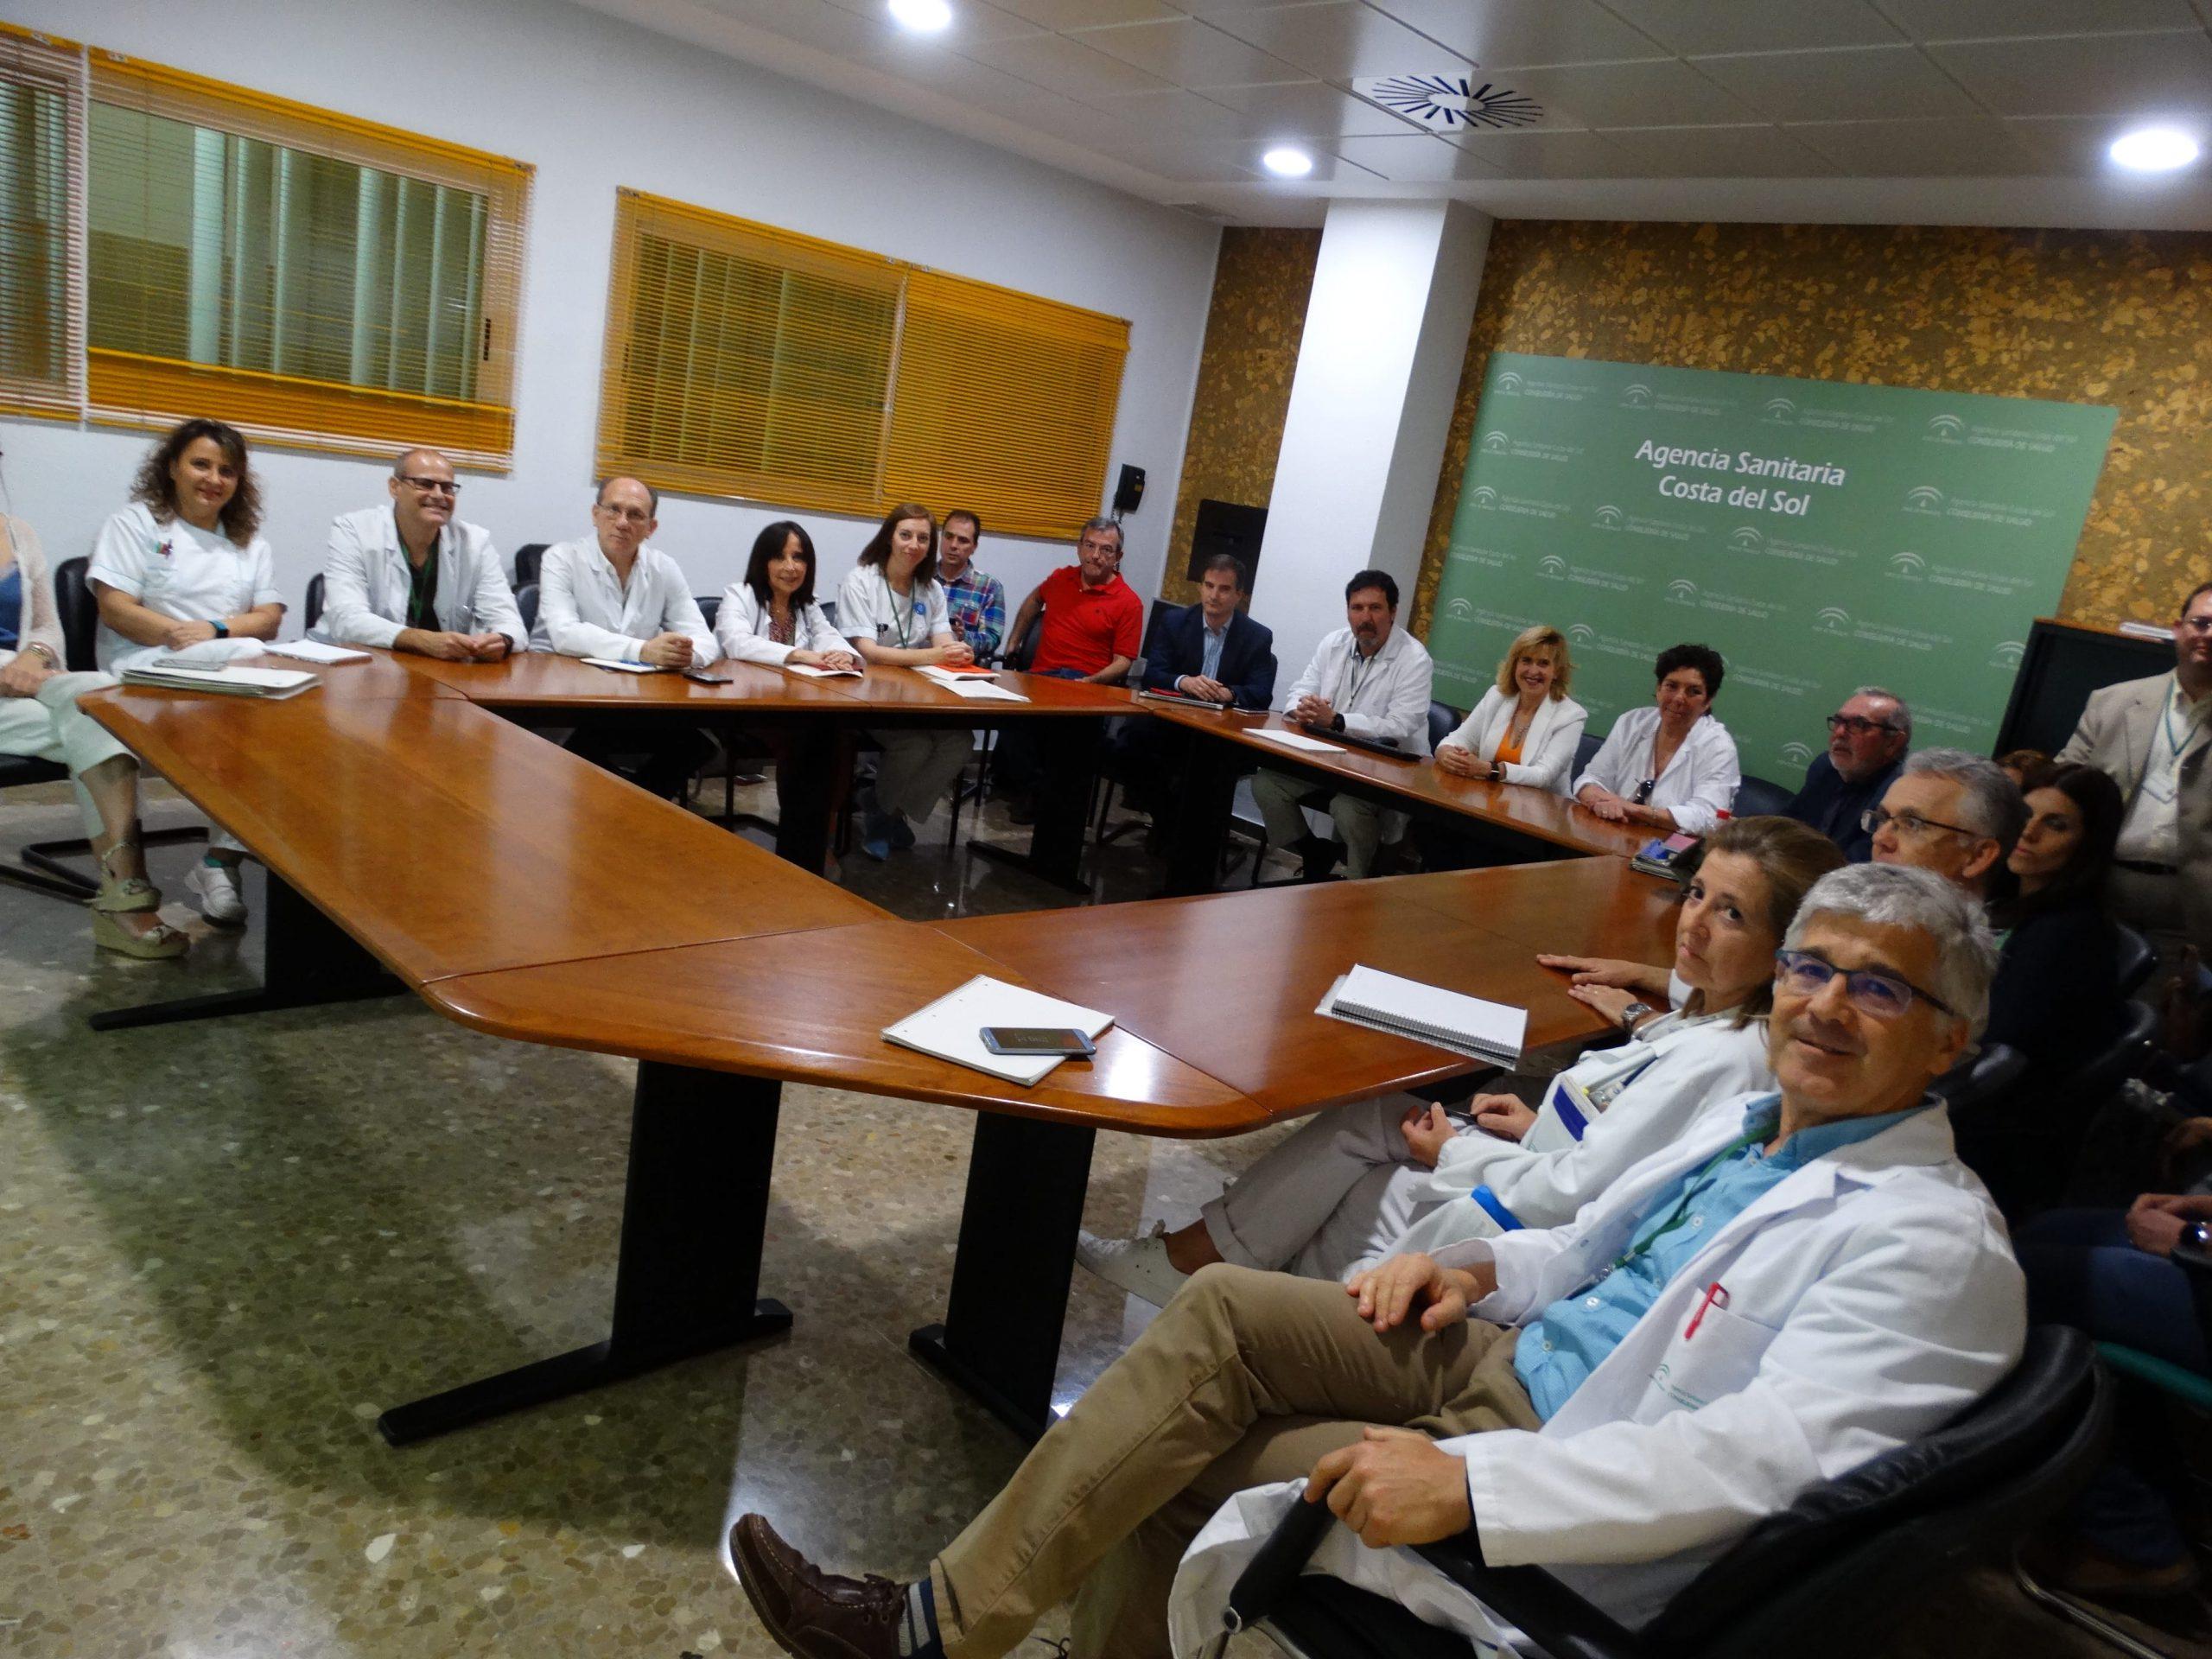 En marcha el Proyecto #CuidandodeTi para personas con enfermedades crónicas, pluripatologías y alta complejidad